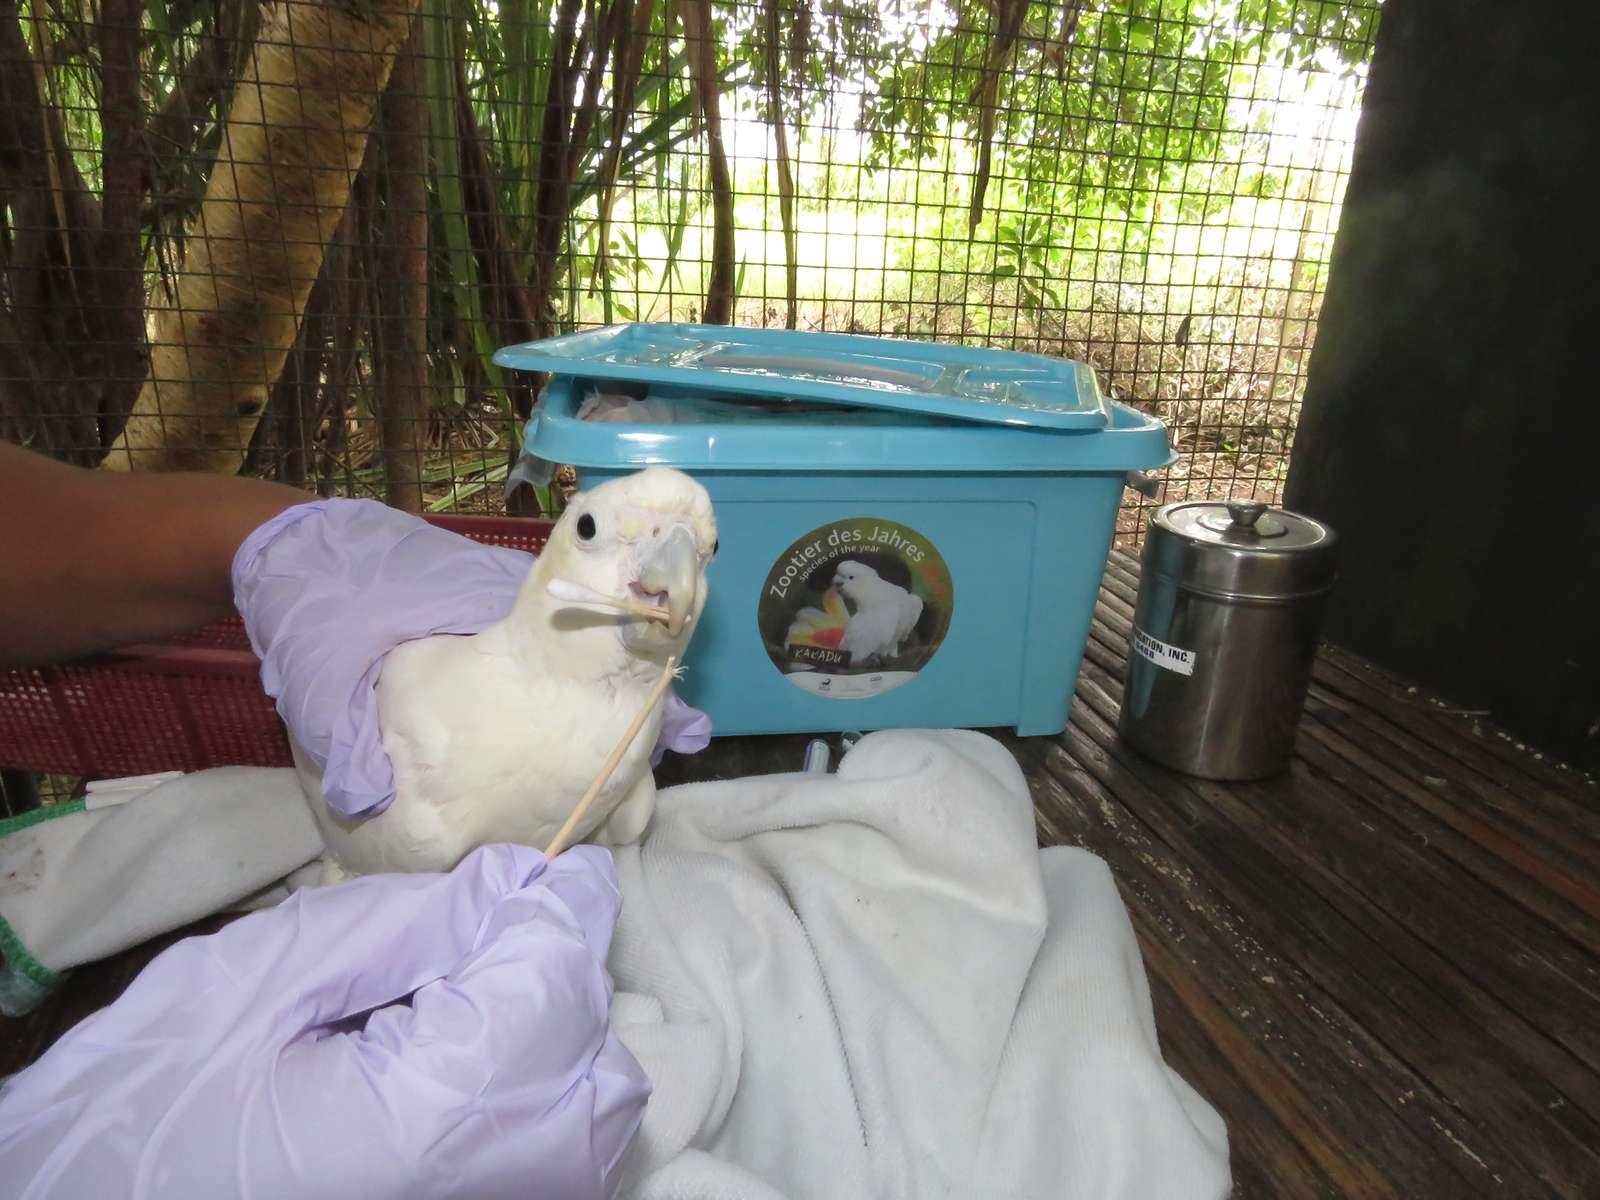 """Der Kakadu ist """"Zootier des Jahres 2017""""  - Rettung von Kakadu Jungvögeln in der Katala Foundation auf den Philippinen unterstützt mit Materialien durch die Aktion """"Zootier des Jahres 2017"""" Aufkleber Zootier des Jahres  - Der Vogelpark Heiligenkirchen unterstützt die Aktion, um auf die bedrohte Art aufmerksam zu machen!"""